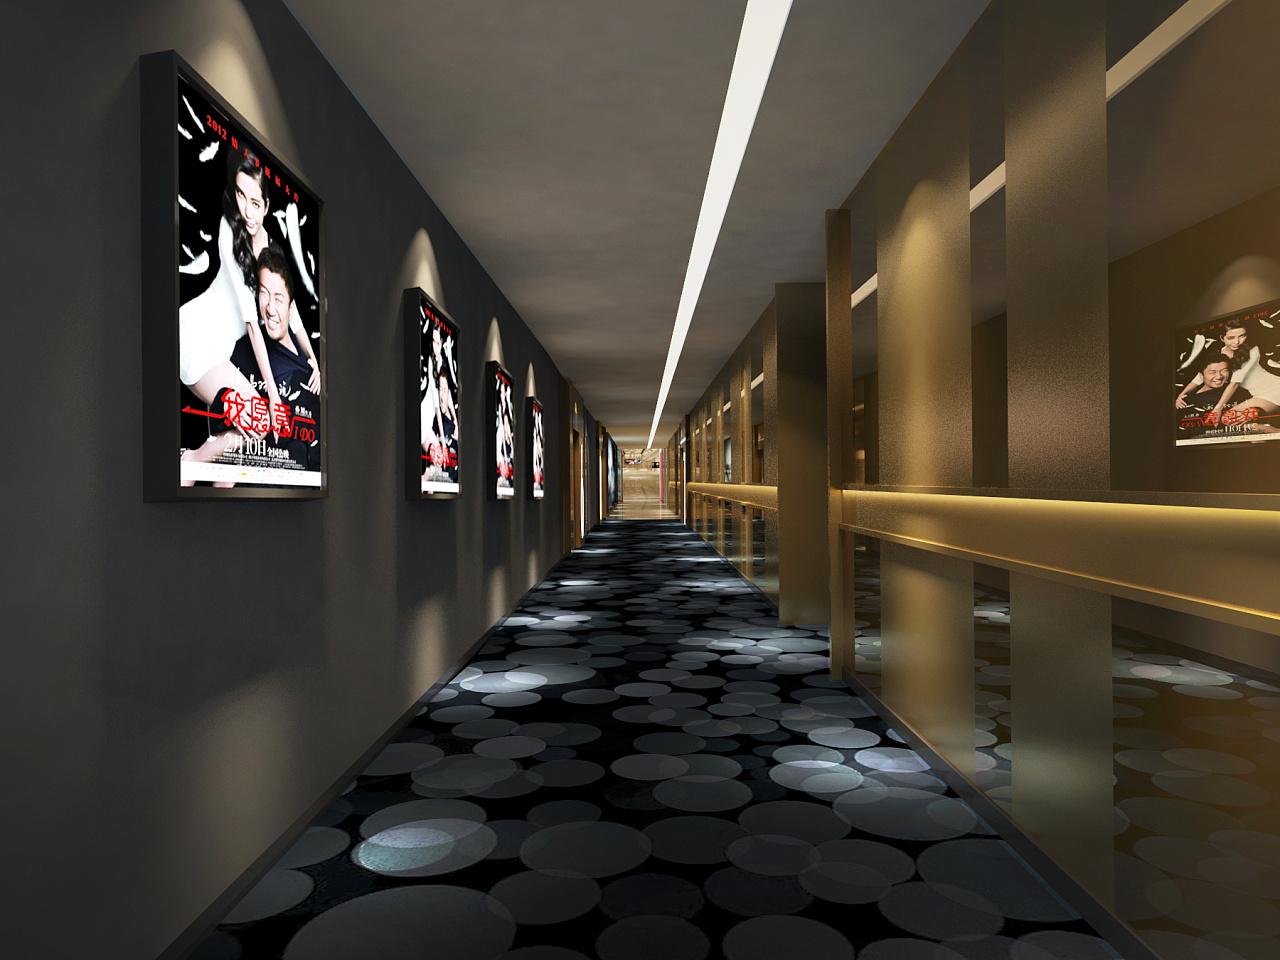 成都电影院装修设计室内2米4高吊顶做可以吗图片